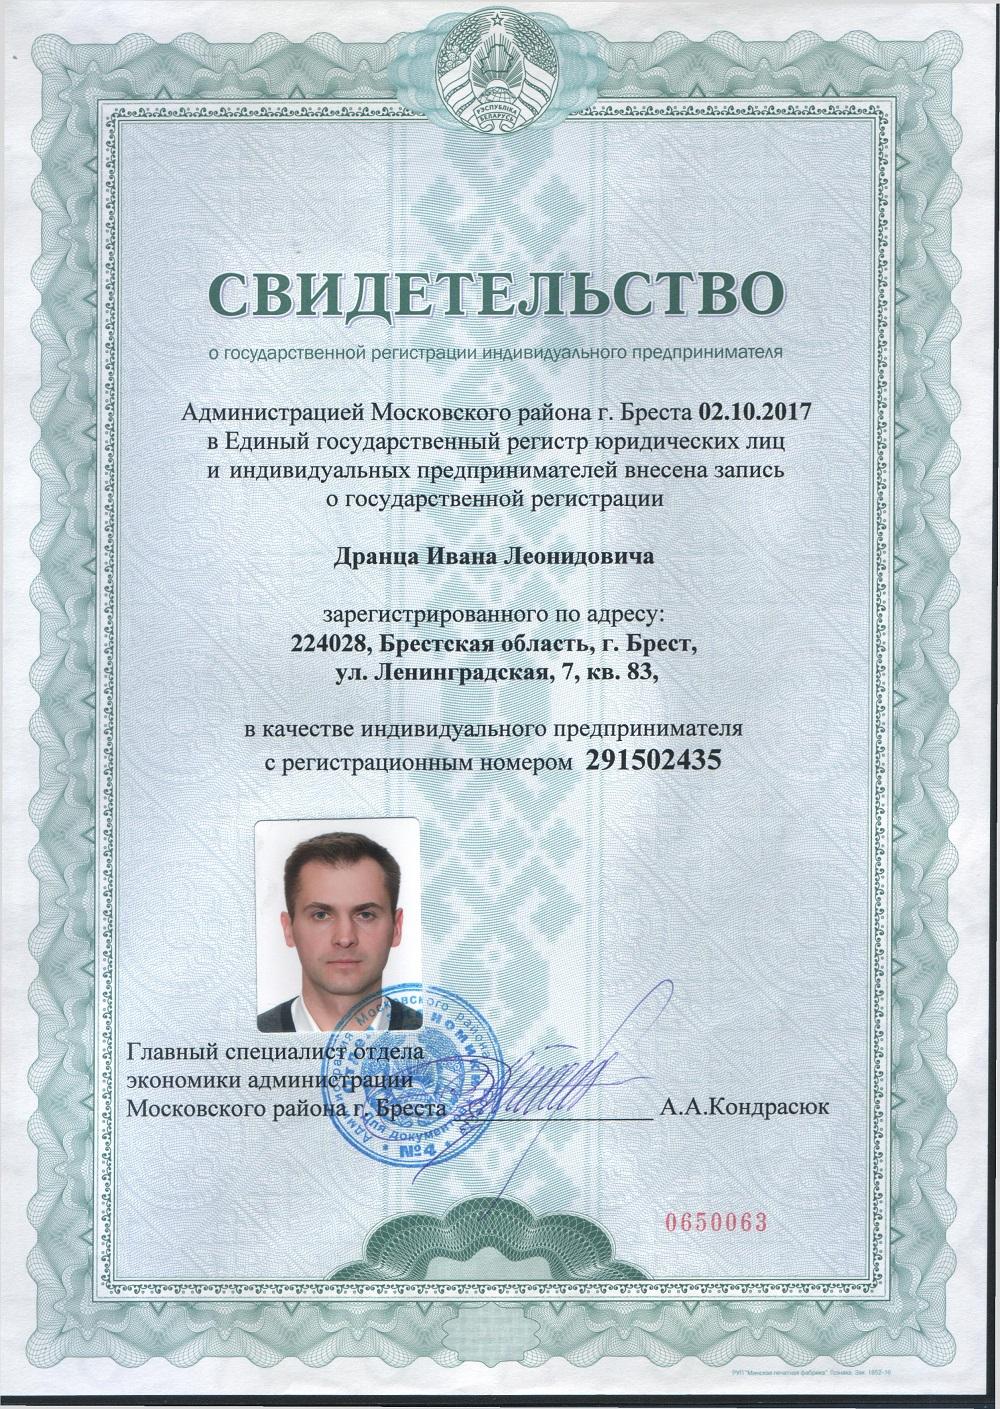 Регистрация ип брест московский район реестр документов к декларации 3 ндфл продажа автомобиля